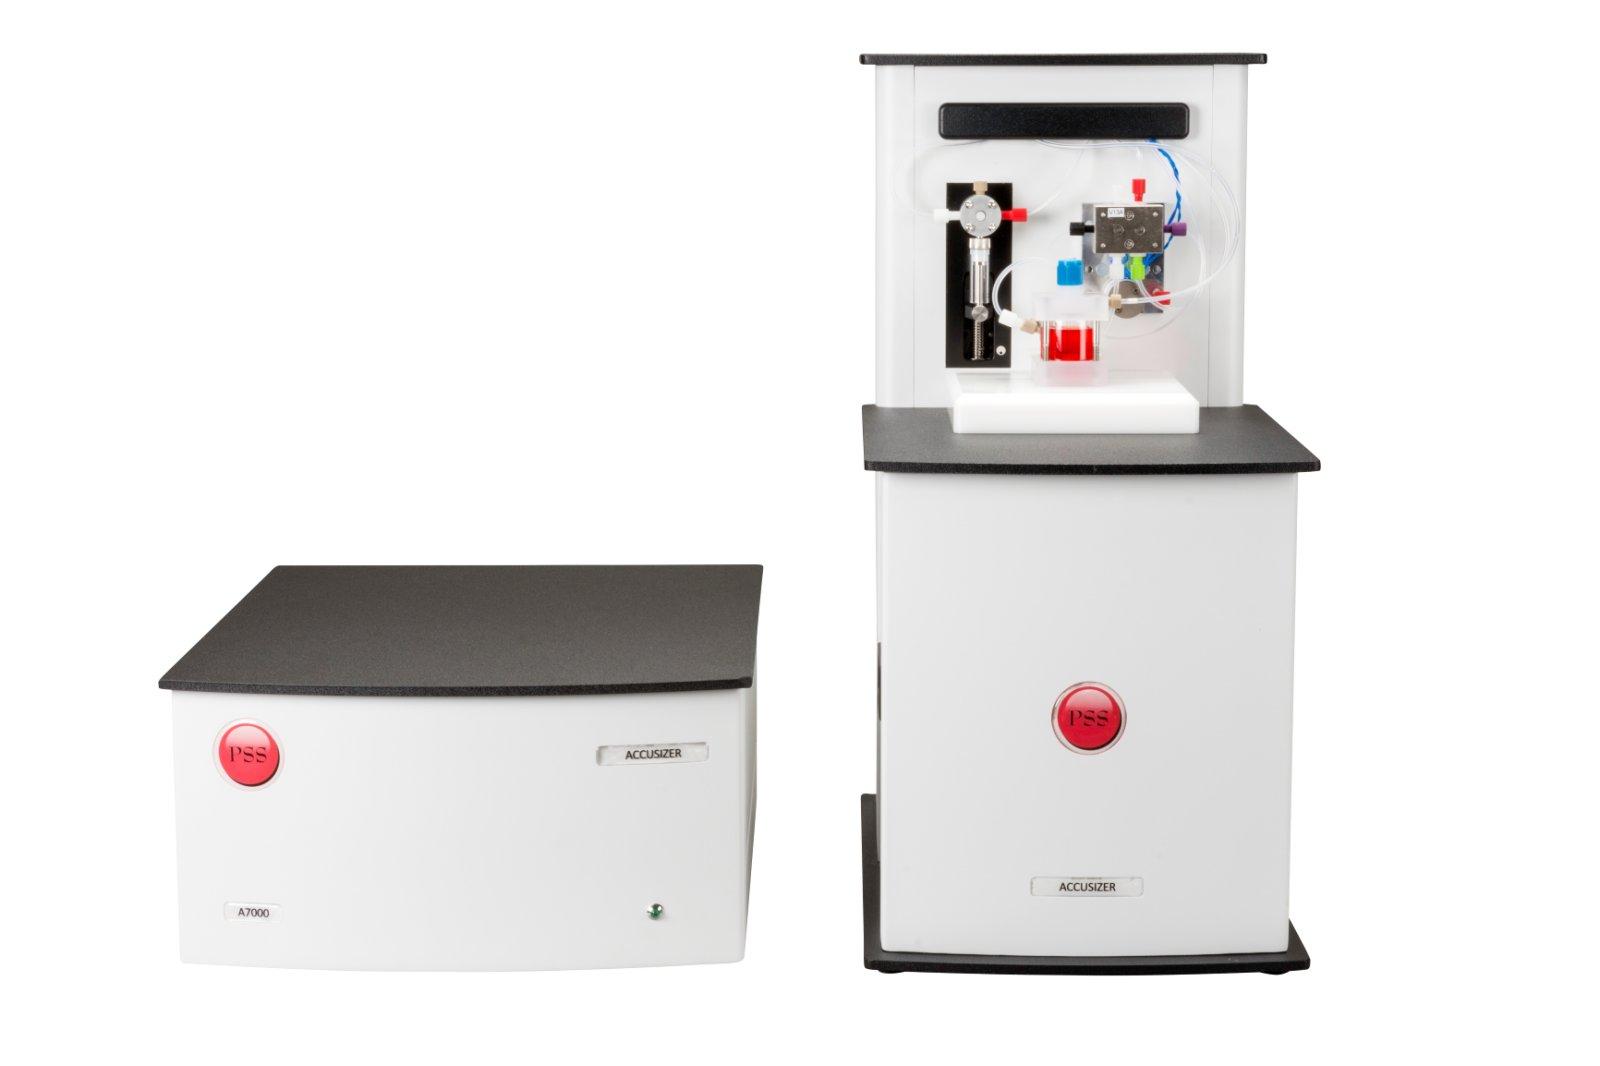 美国PSS AccuSizer 780 A7000 APS 乳剂检测仪的图片